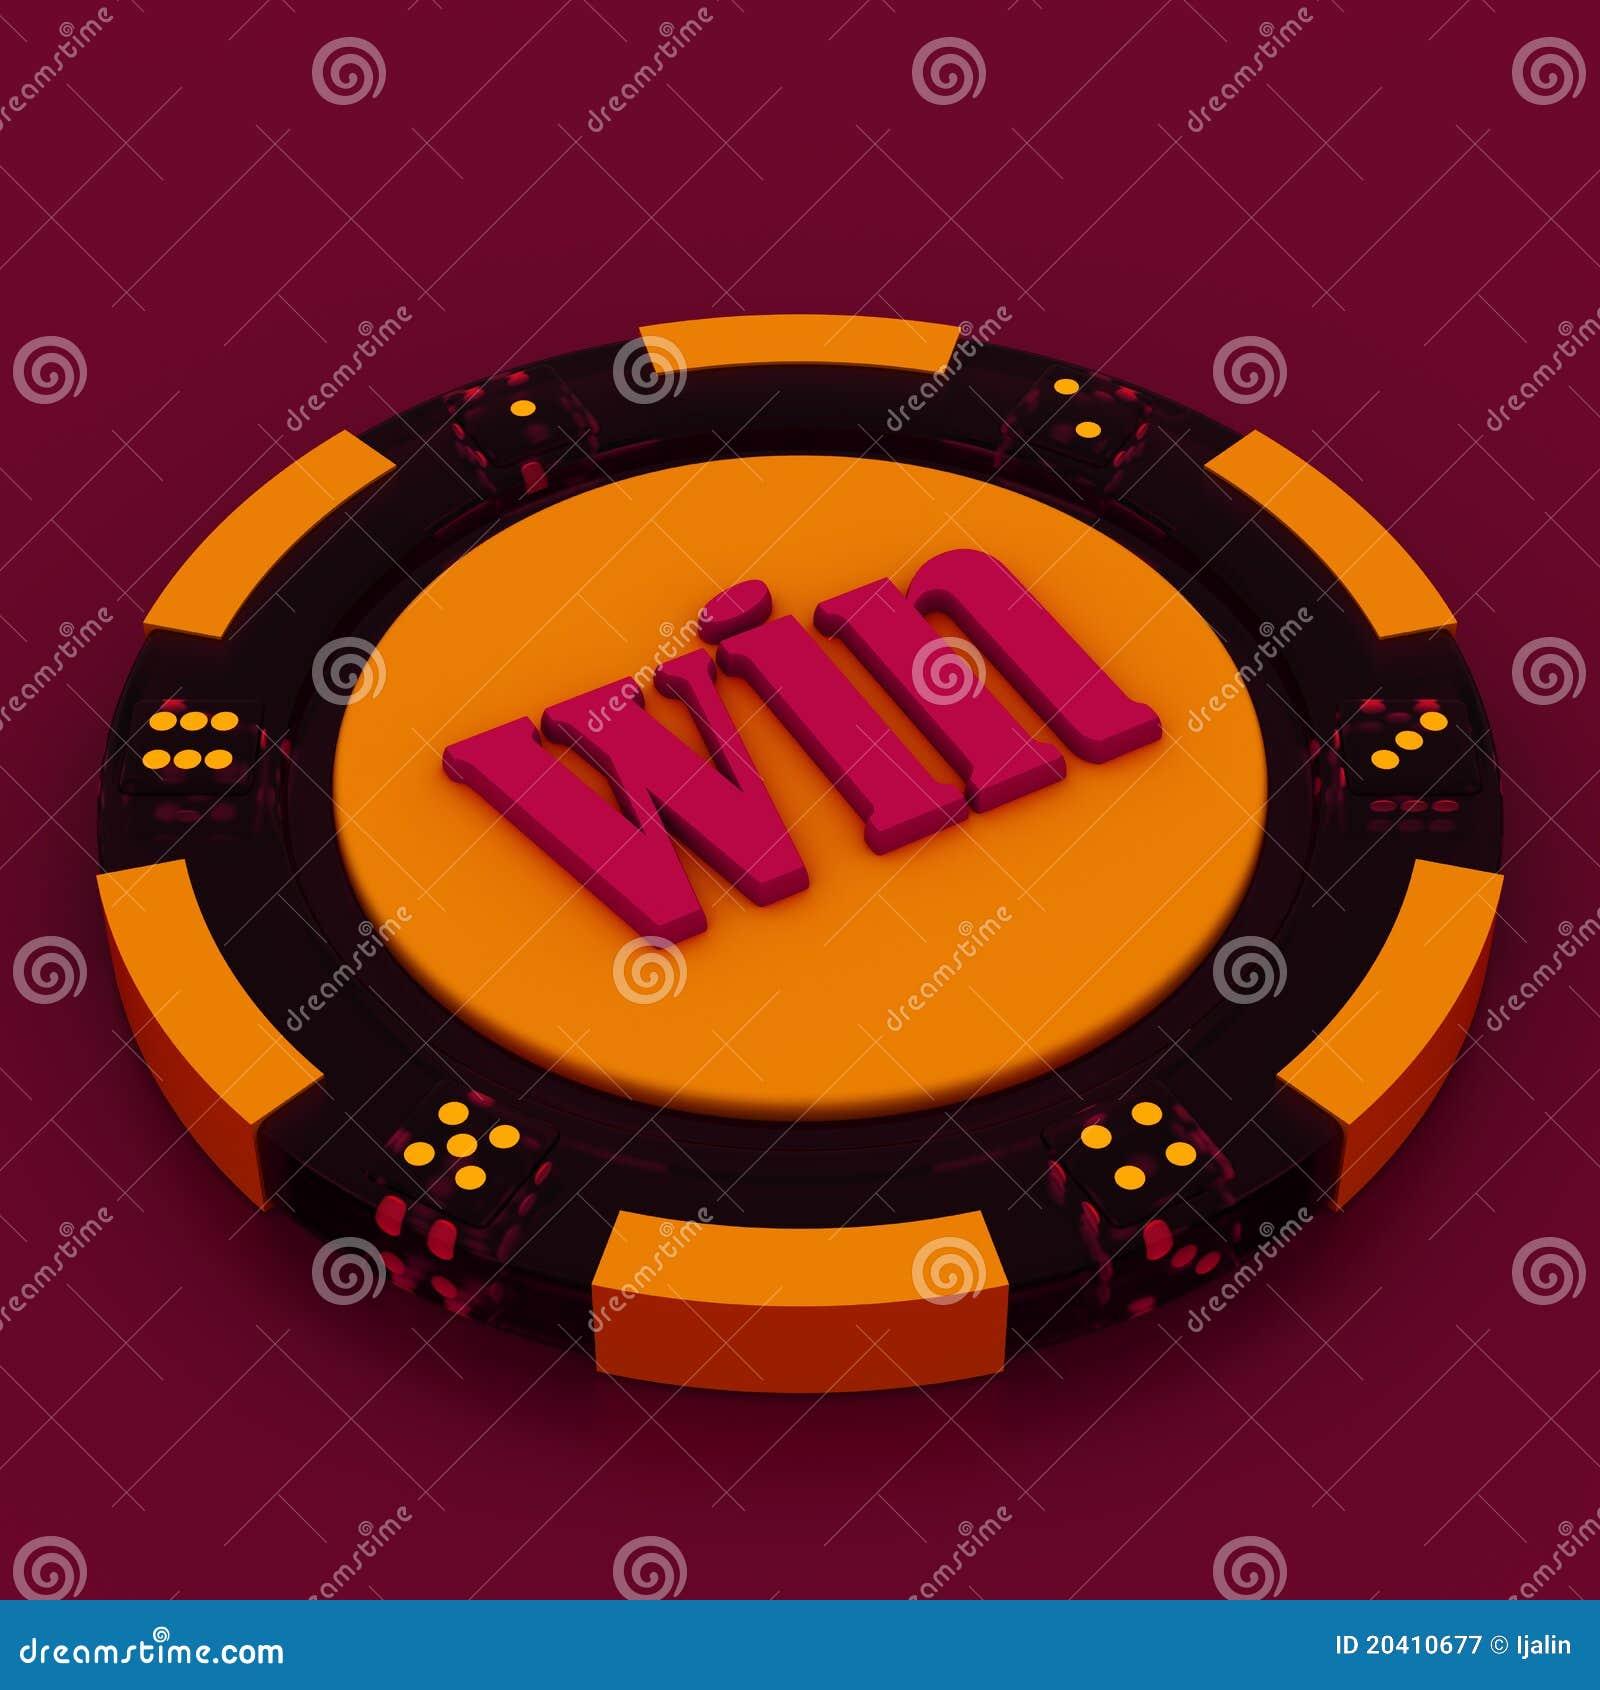 7 days to die dukes casino token